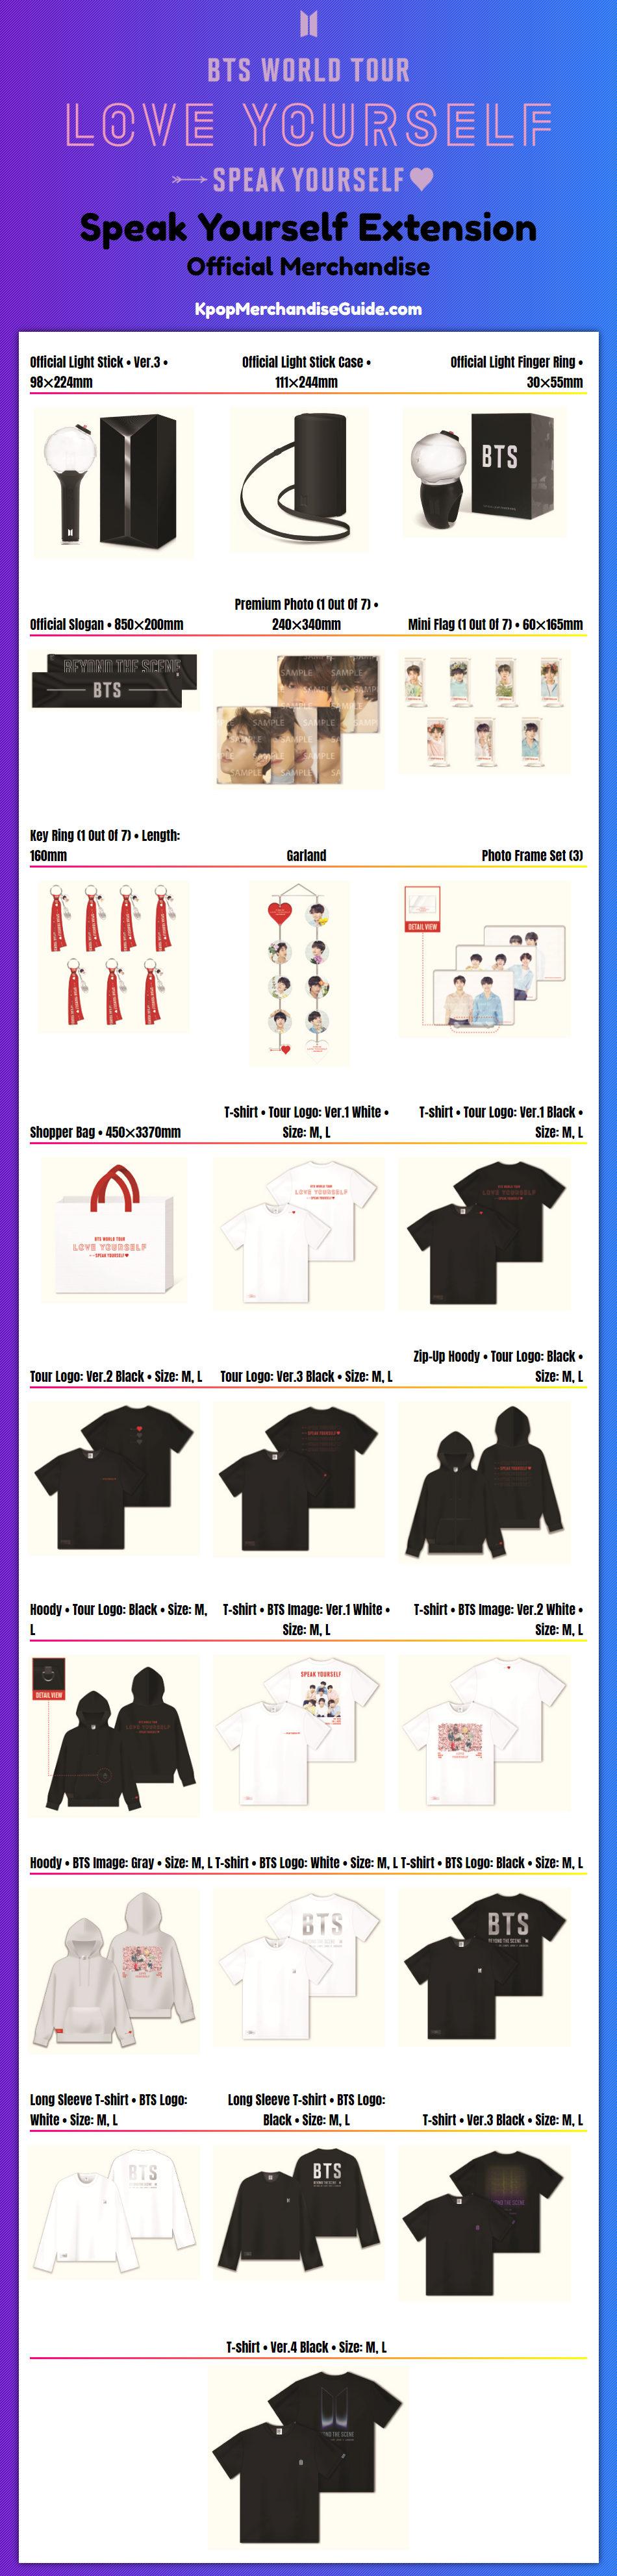 BTS World Tour: Love Yourself: Speak Yourself Merchandise